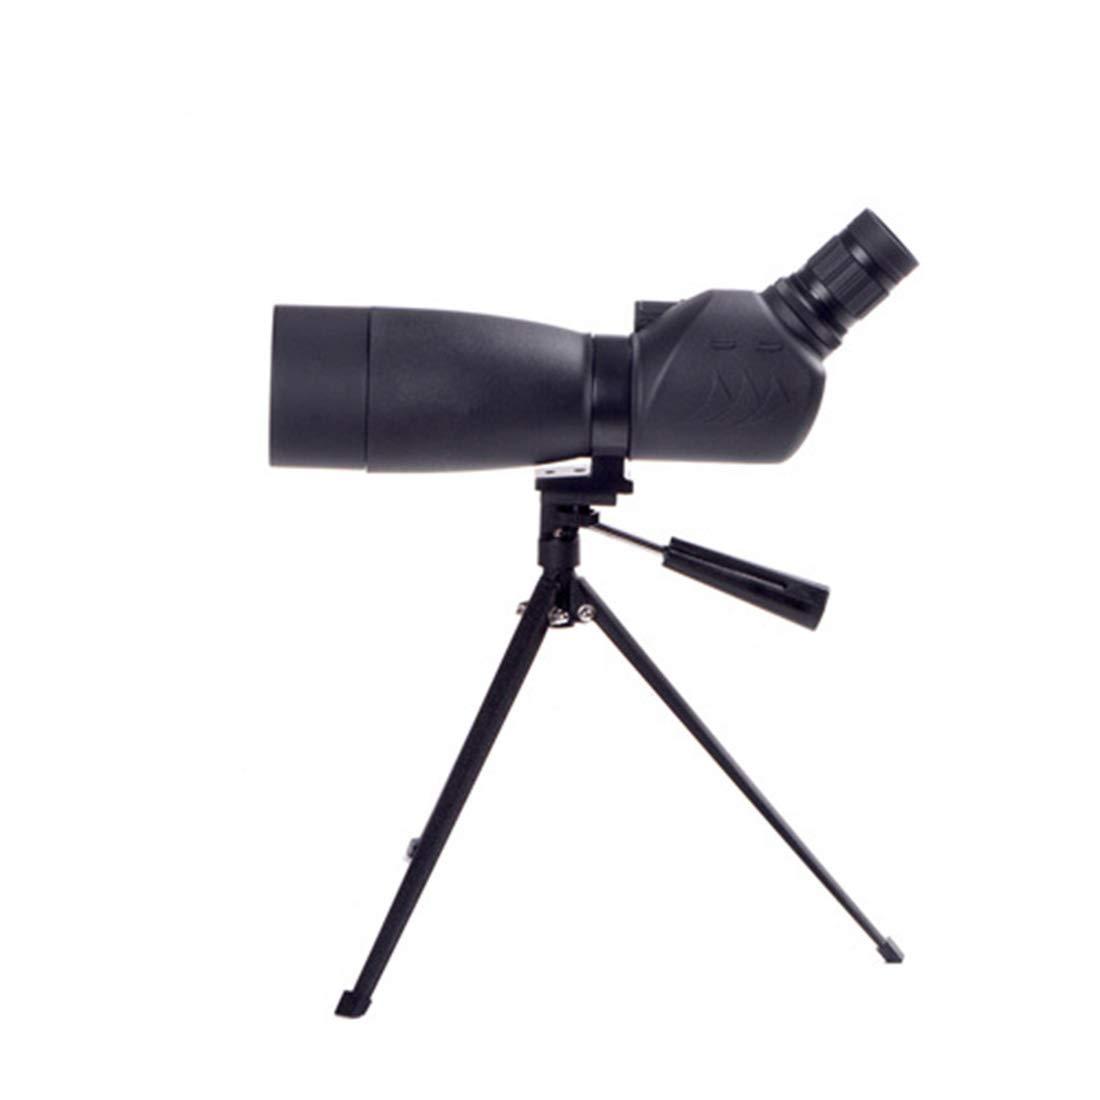 【通販激安】 JPAKIOS 単眼HD 単眼HD 20-60x60ズーム屋外観察用ナイトビジョン望遠鏡 JPAKIOS (Color B07PLSCCLY : ブラック) ブラック B07PLSCCLY, 春日市:63fecd45 --- vanhavertotgracht.nl